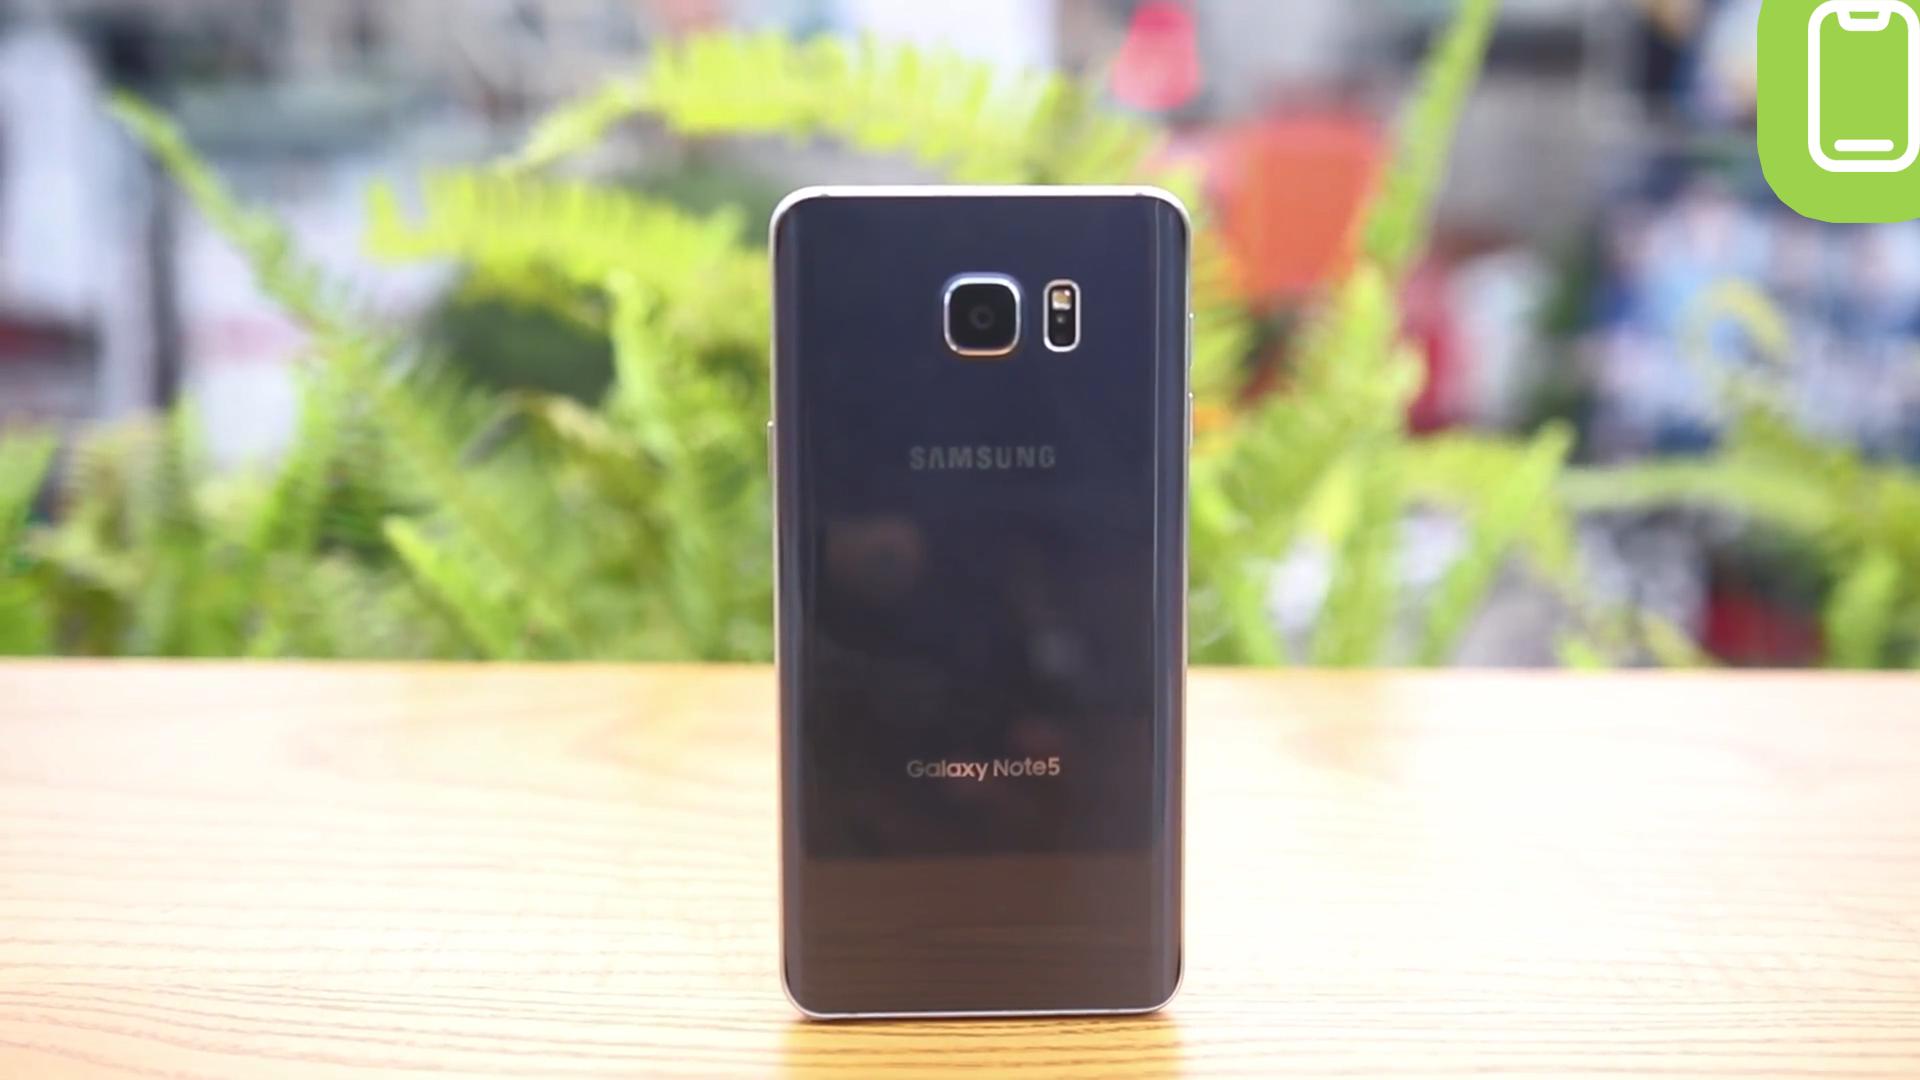 Đánh giá chi tiết Samsung Galaxy Note 5 - Ảnh 2